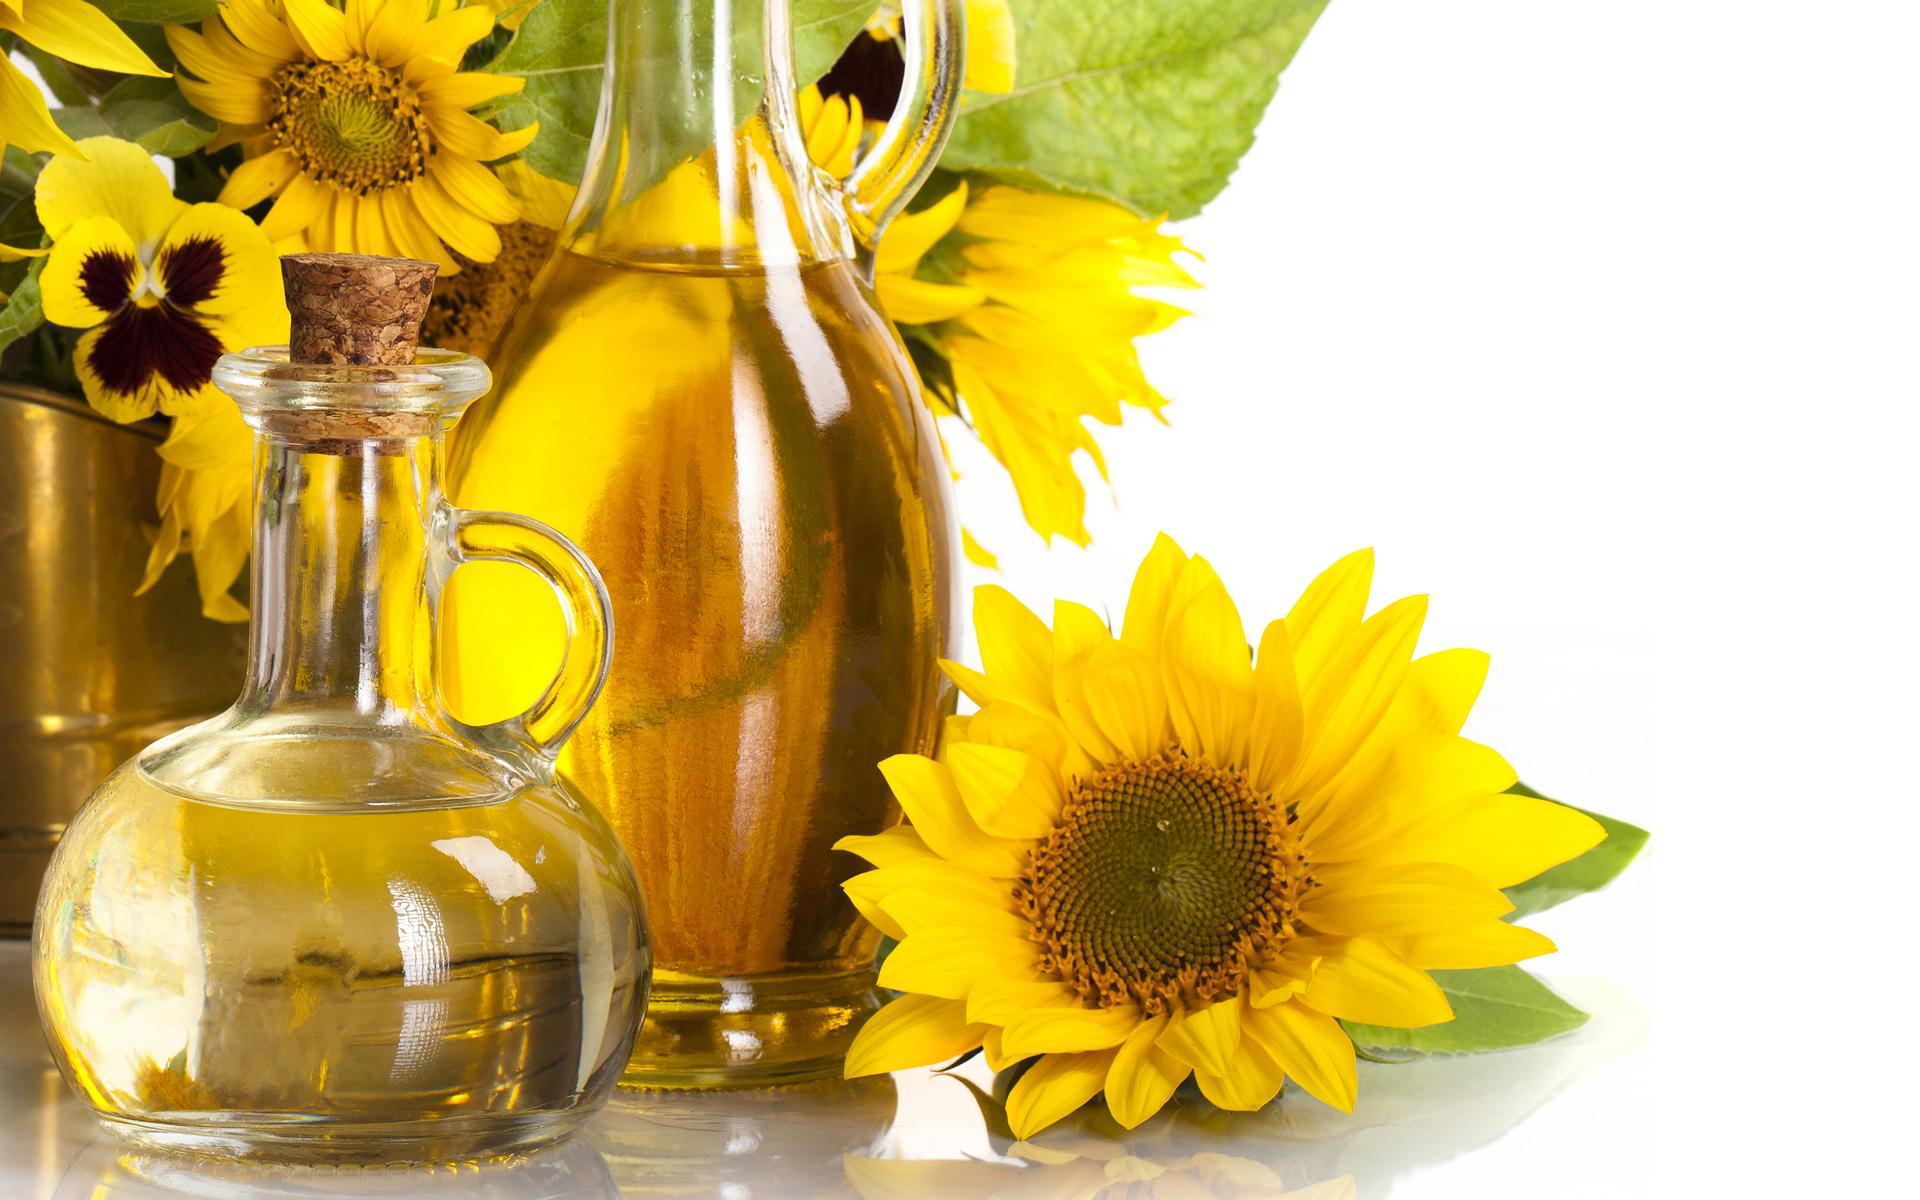 Nature flower sunflower yellow still life oil vase glass ...